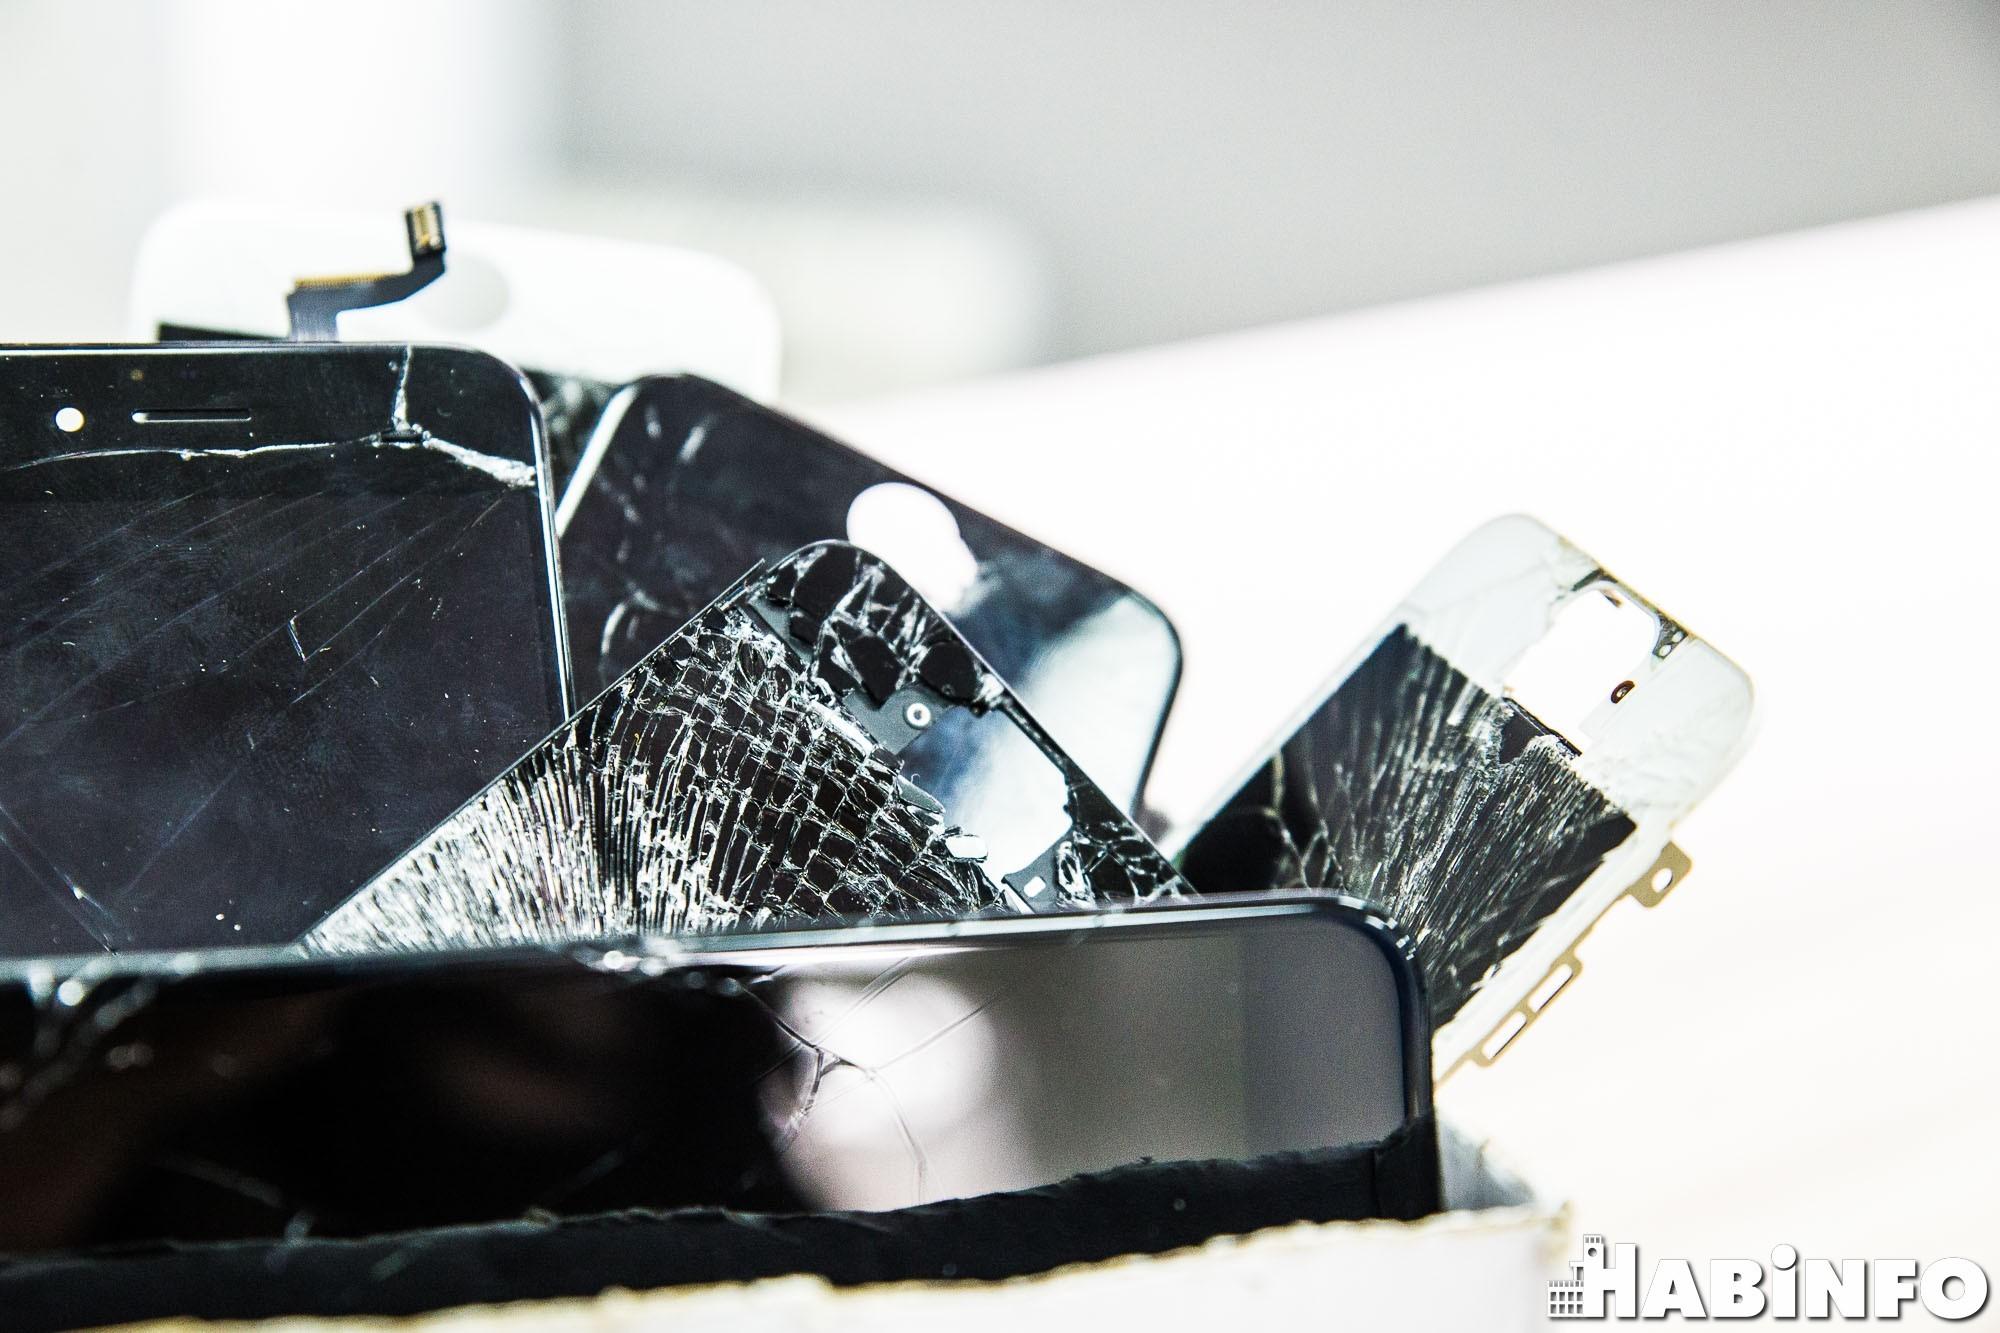 Сломанный телефон: ремонт или замена?